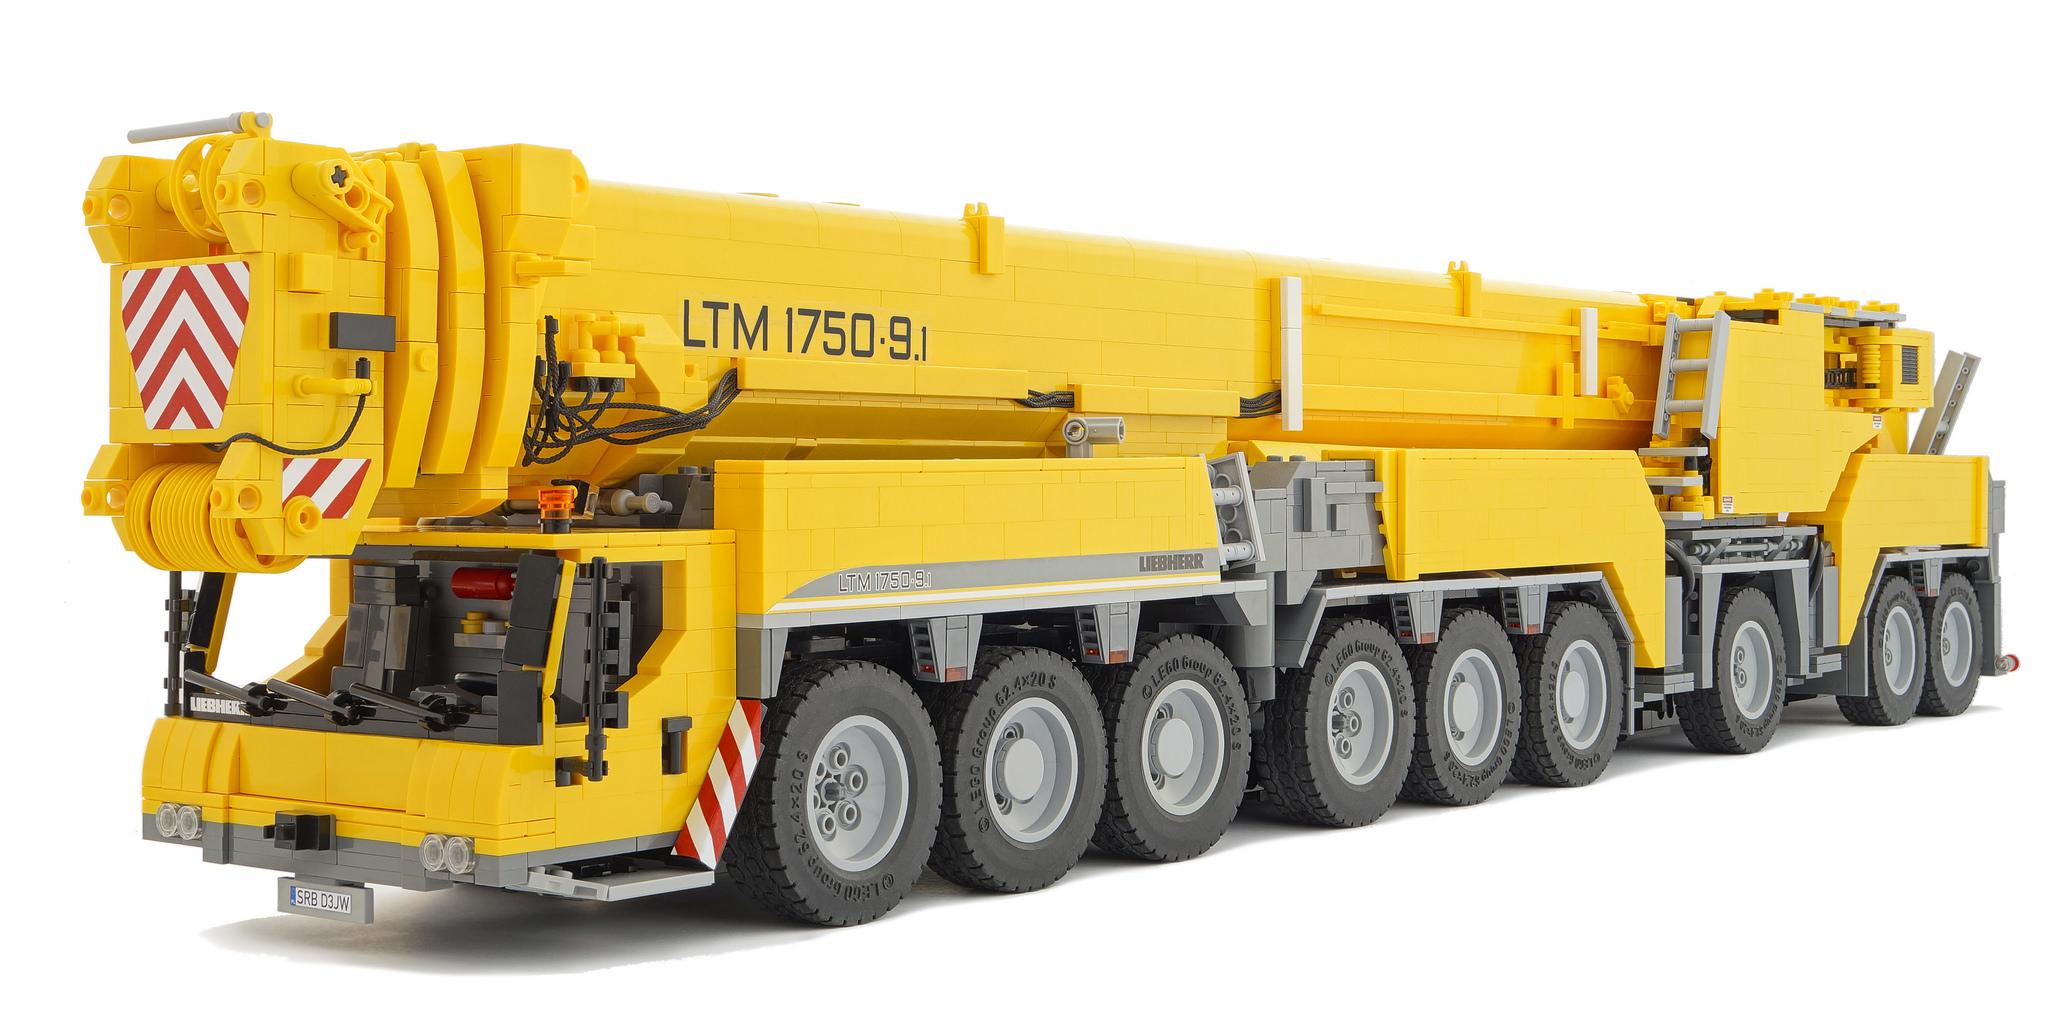 Radio Remote Control Systems - Munck Cranes Service Division |Radio Controlled Cranes